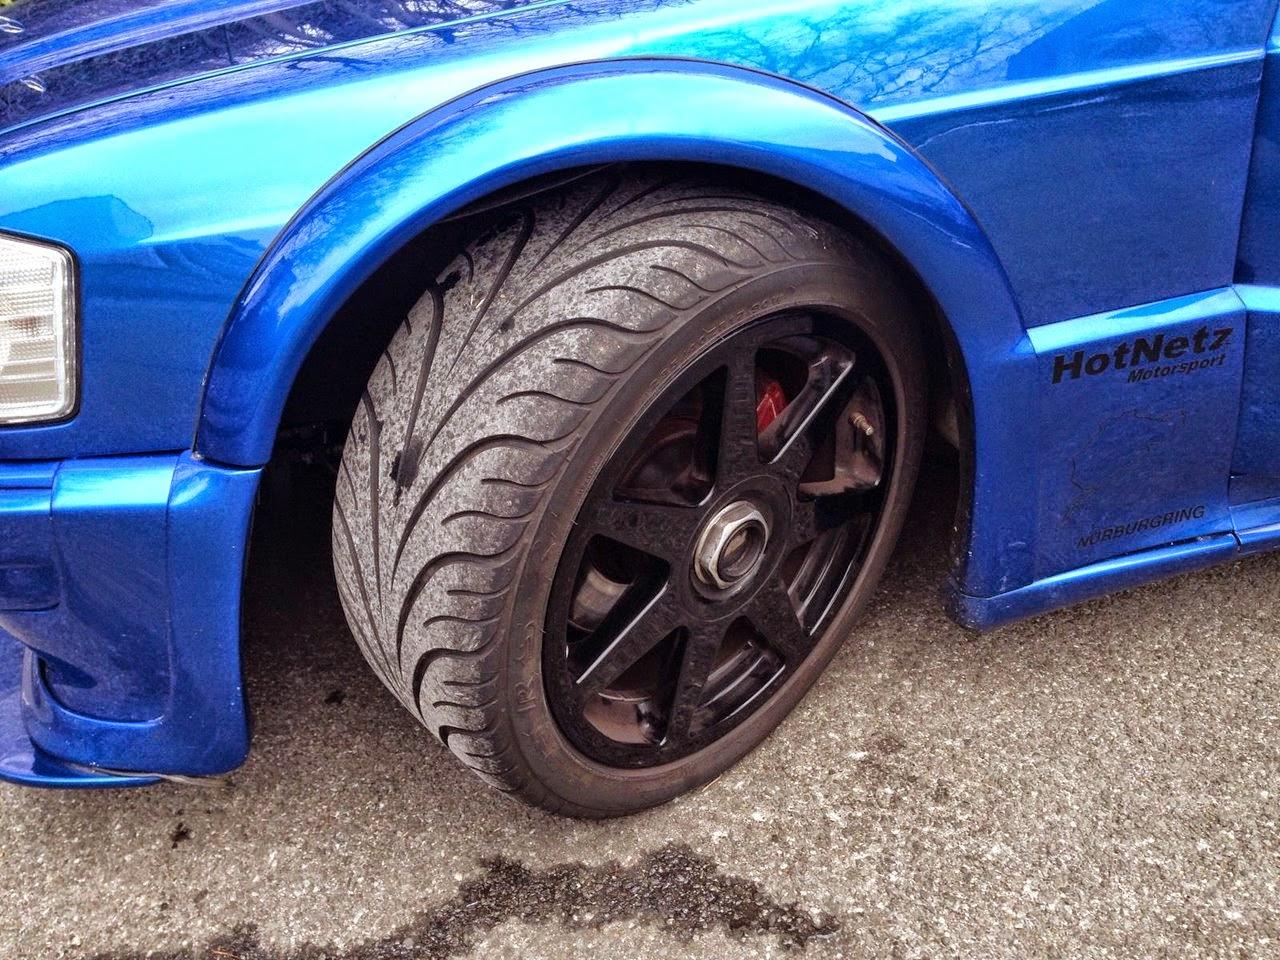 190e wheels